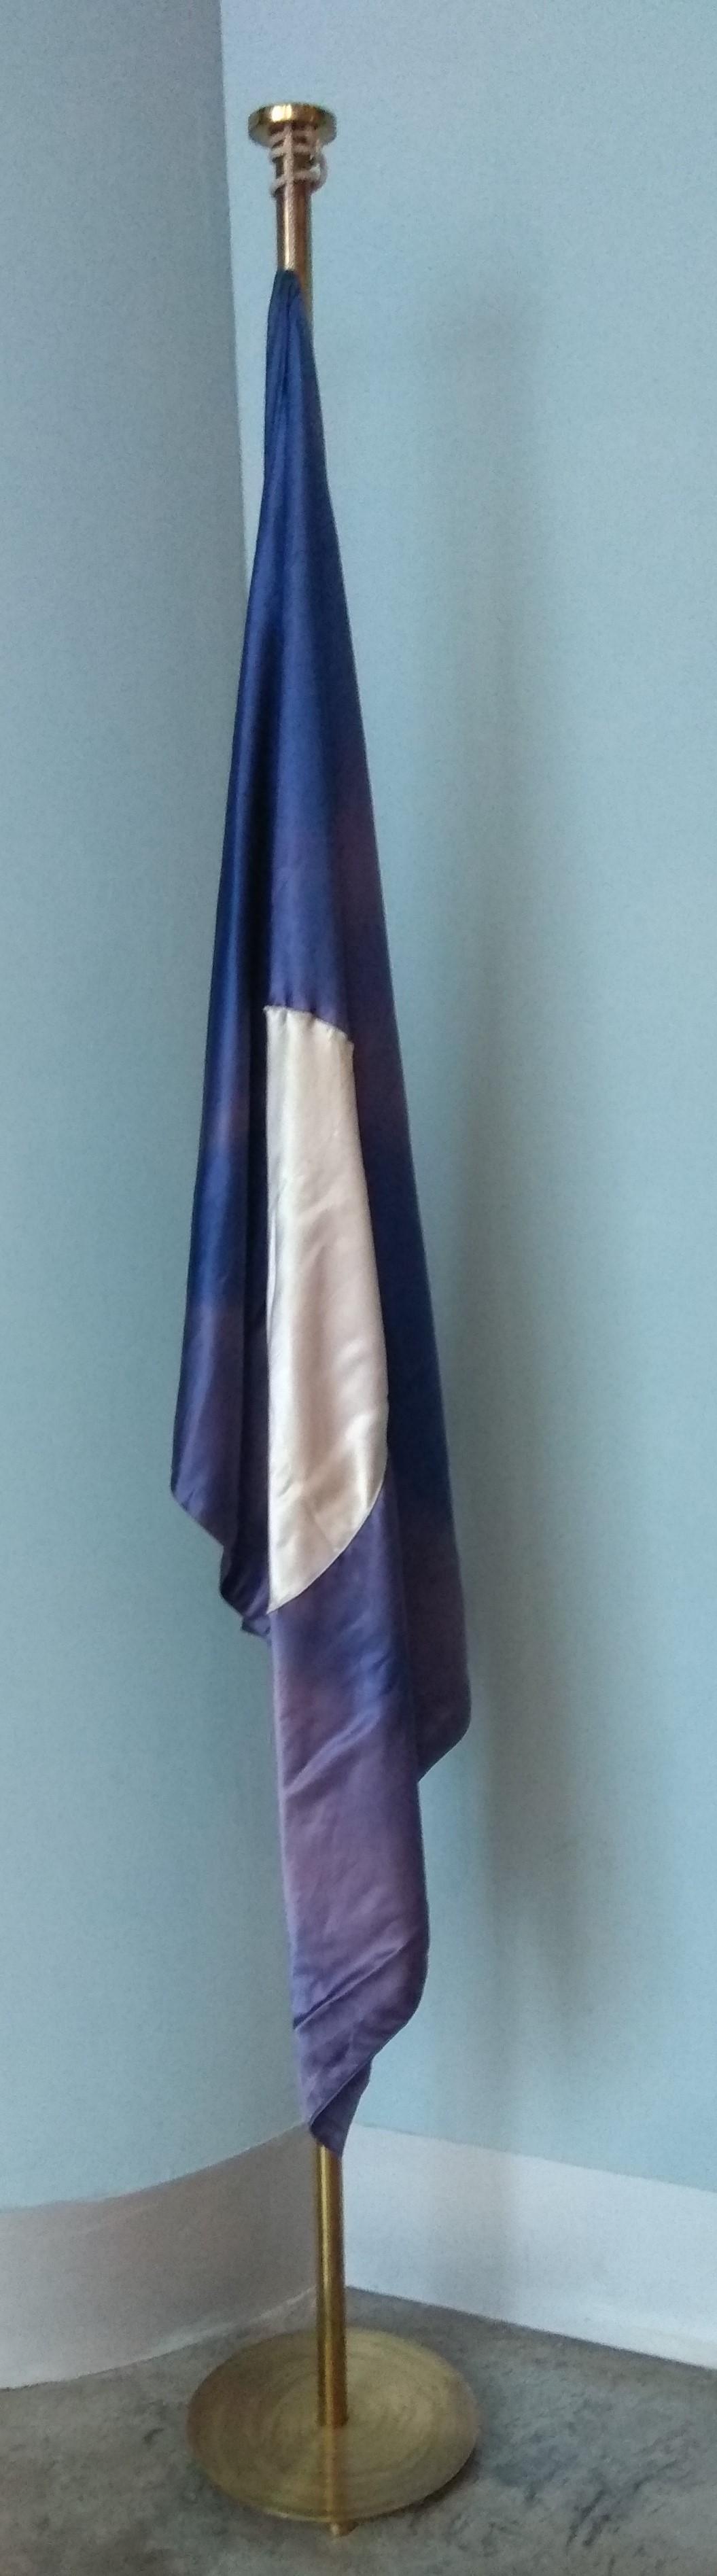 Bandera Cº Trasatlántica Española